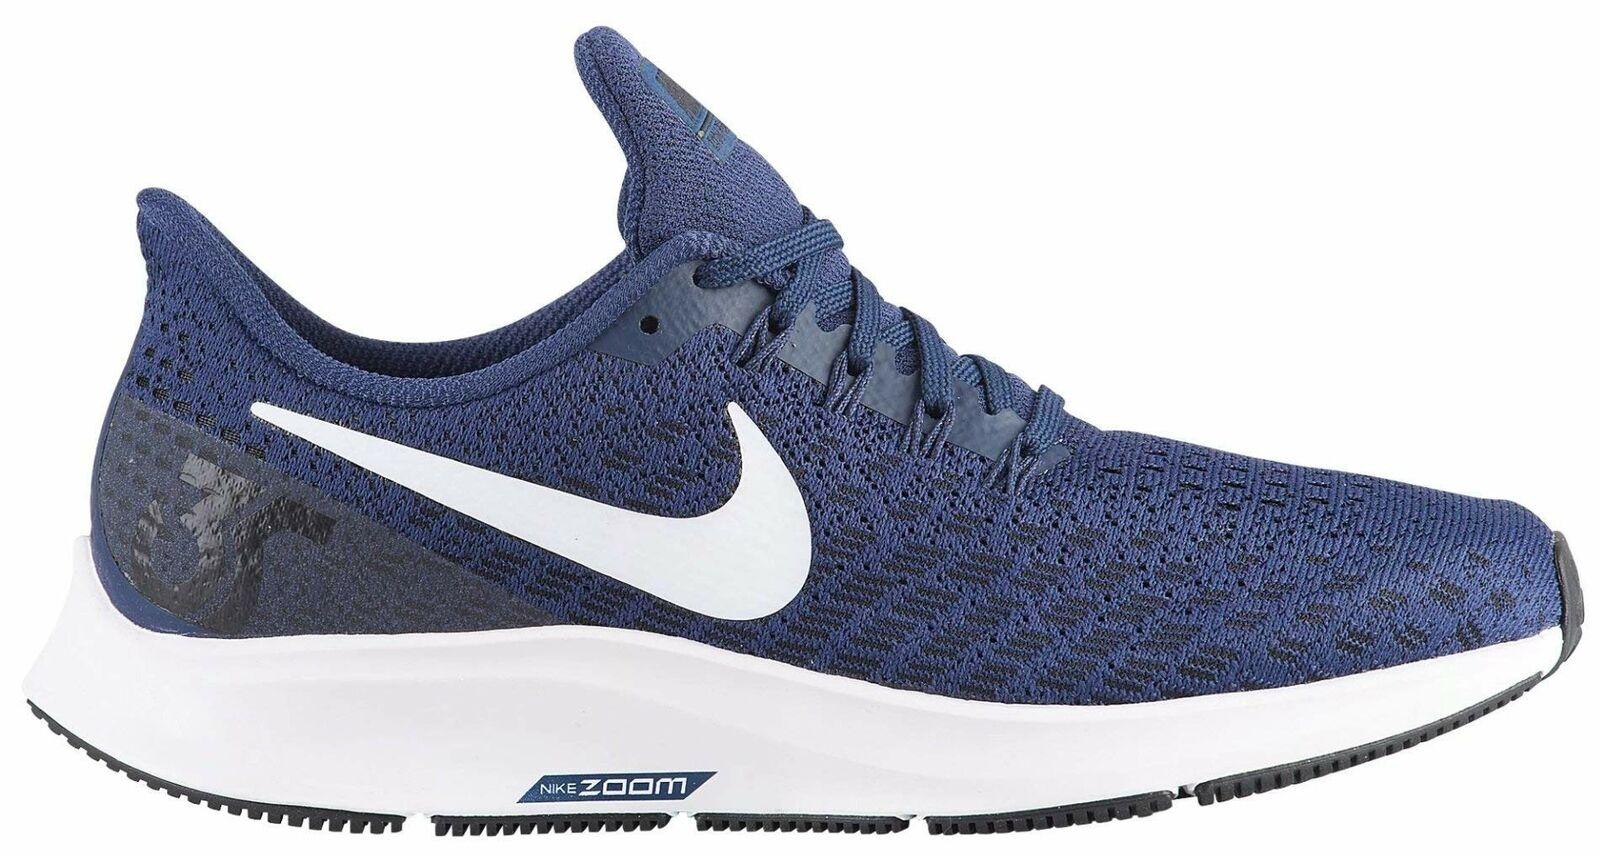 Nike W Nike AIR Zoom PEGASUS 35 TB, MIDNIAKT MIDNIAKT MIDNIAKT NAVY  VITE -BLAKK, 6  med billigt pris för att få bästa varumärke